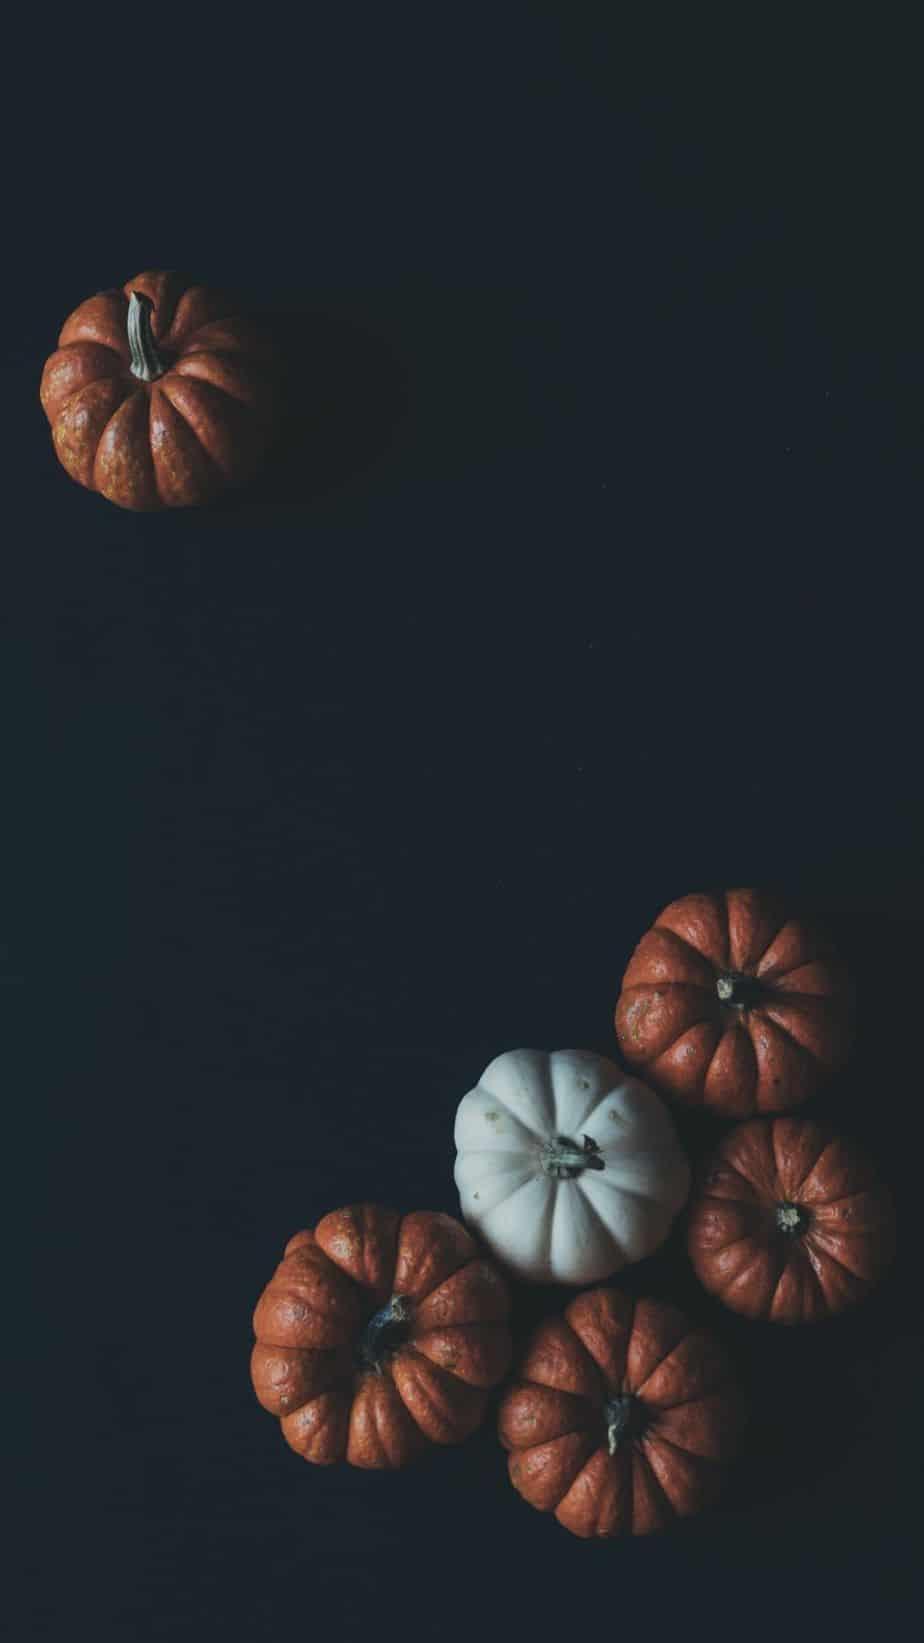 Dark Fall Wallpaper